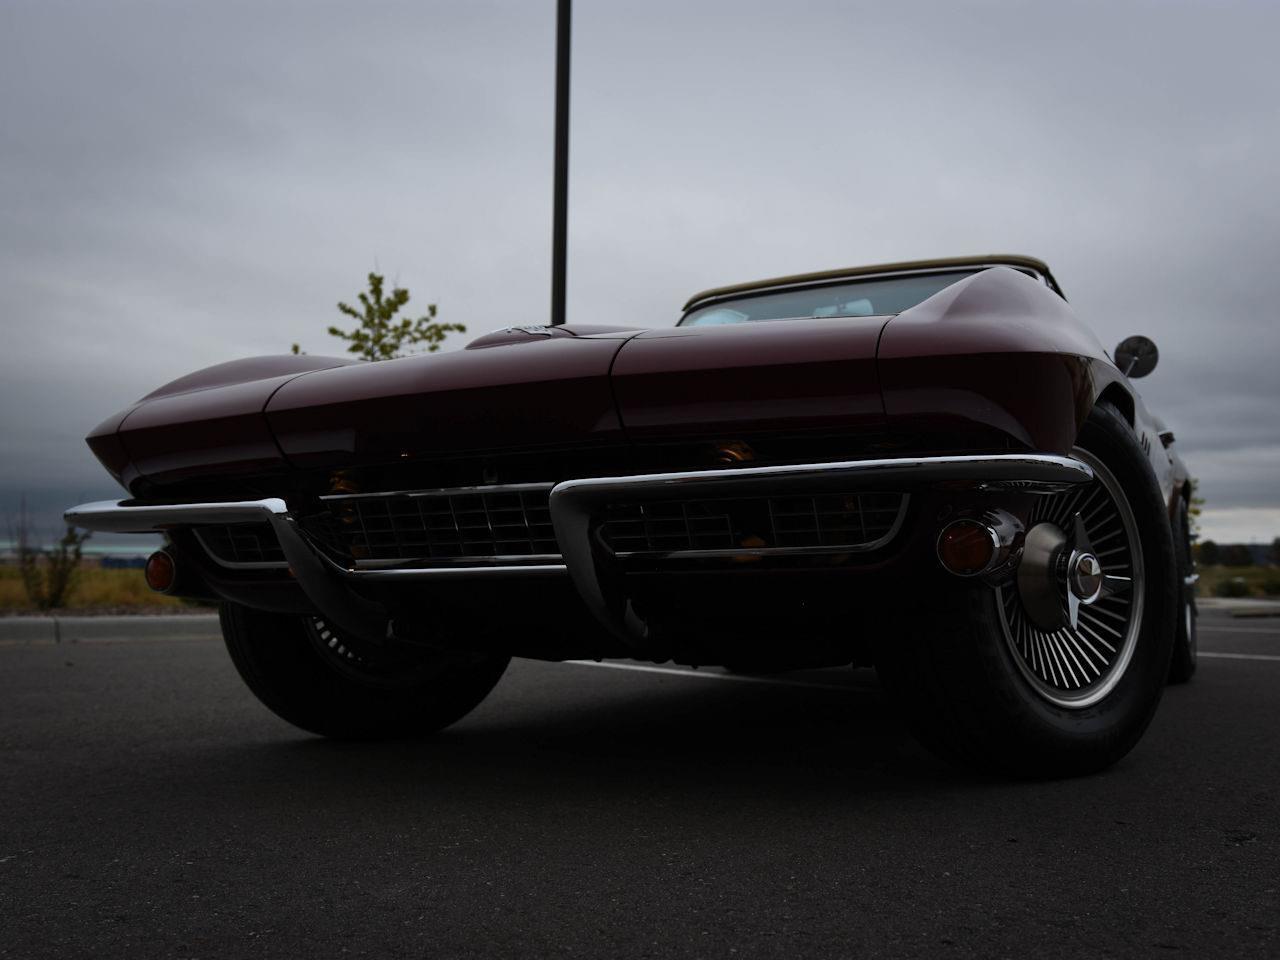 For Sale: 1966 Chevrolet Corvette in O'Fallon, Illinois